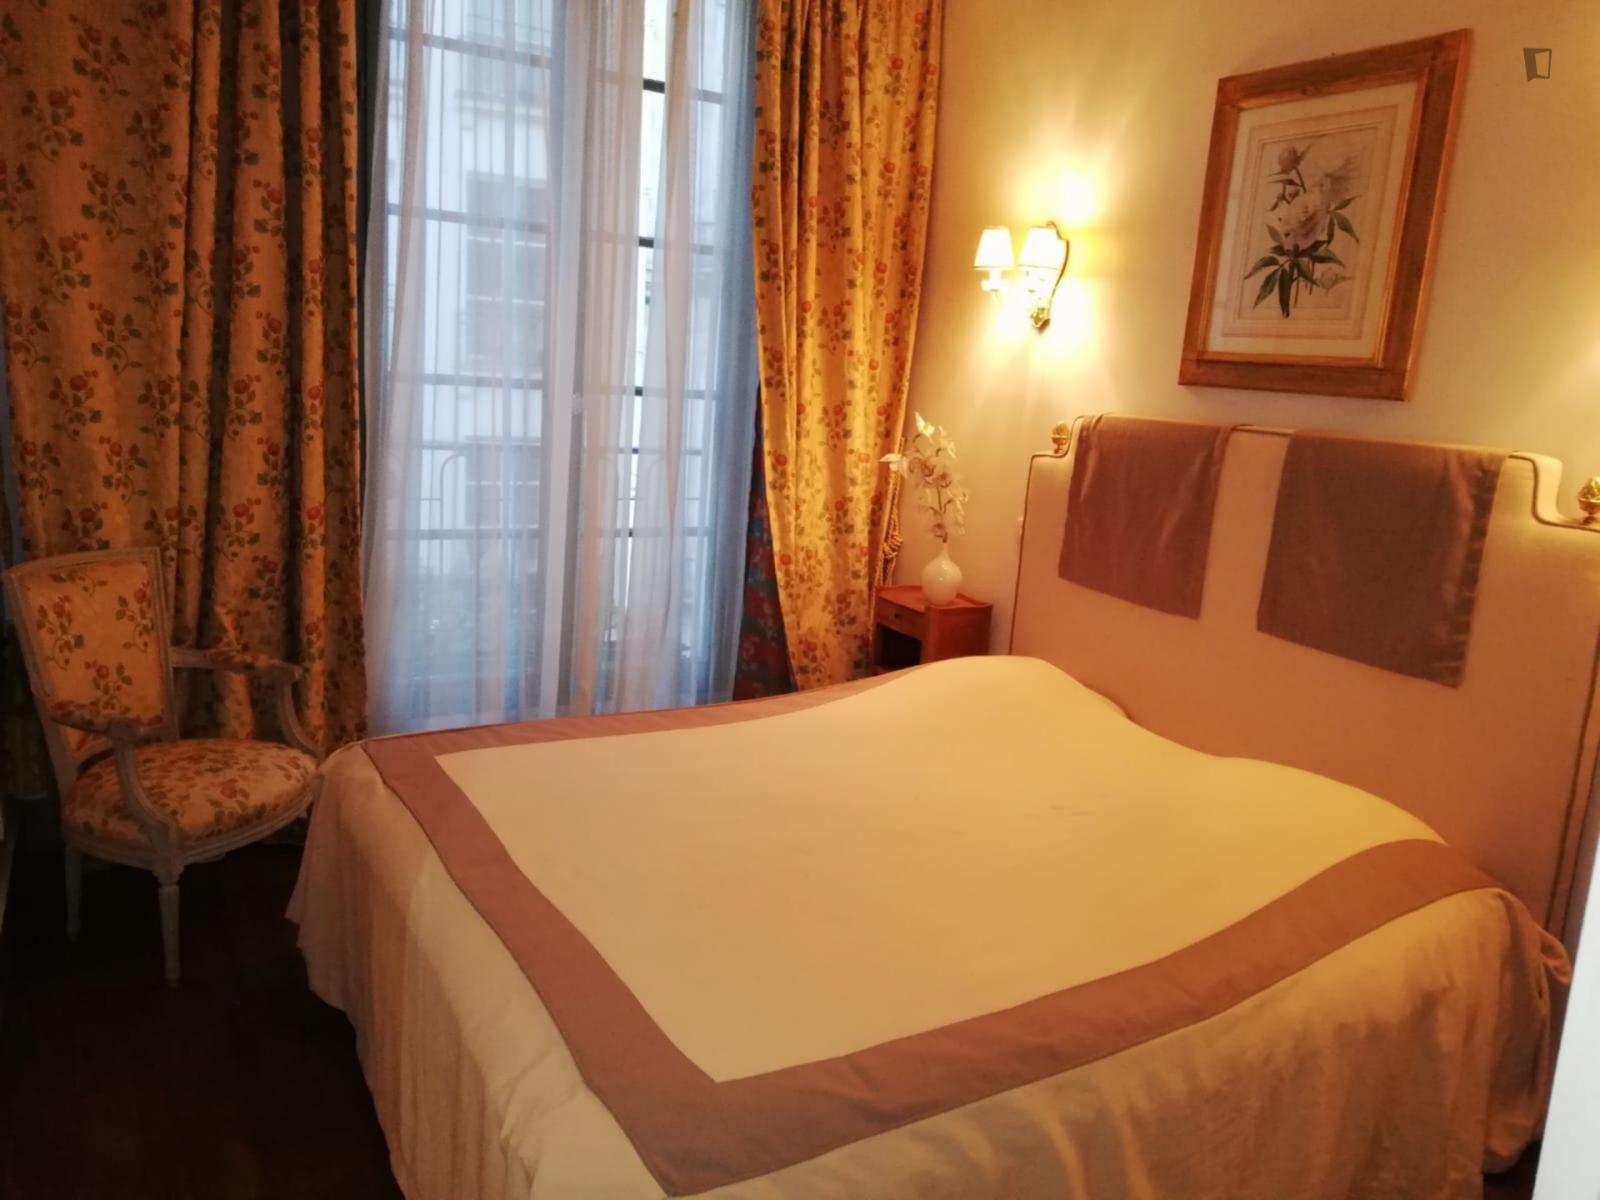 rue saint honoré, 1st arrondissement of Paris, FR-75 - 2,800 EUR/ month